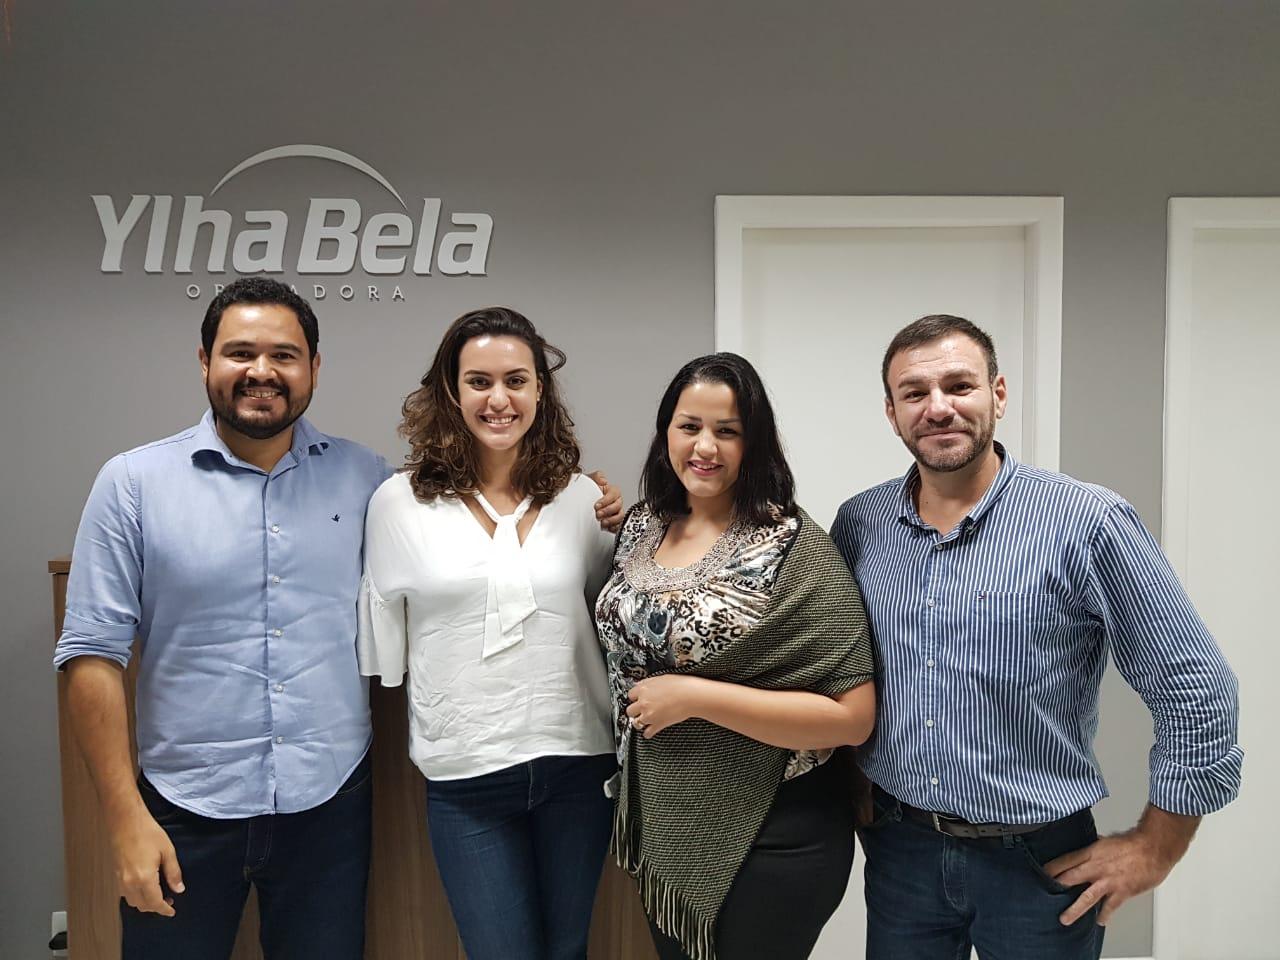 Neto Buteri e Juliane Figueiredo, diretores da Ylha Bela Operadora; Laidiane Barbosa, do comercial da filial carioca, e Marcos Guimarães, diretor regional Rio de Janeiro